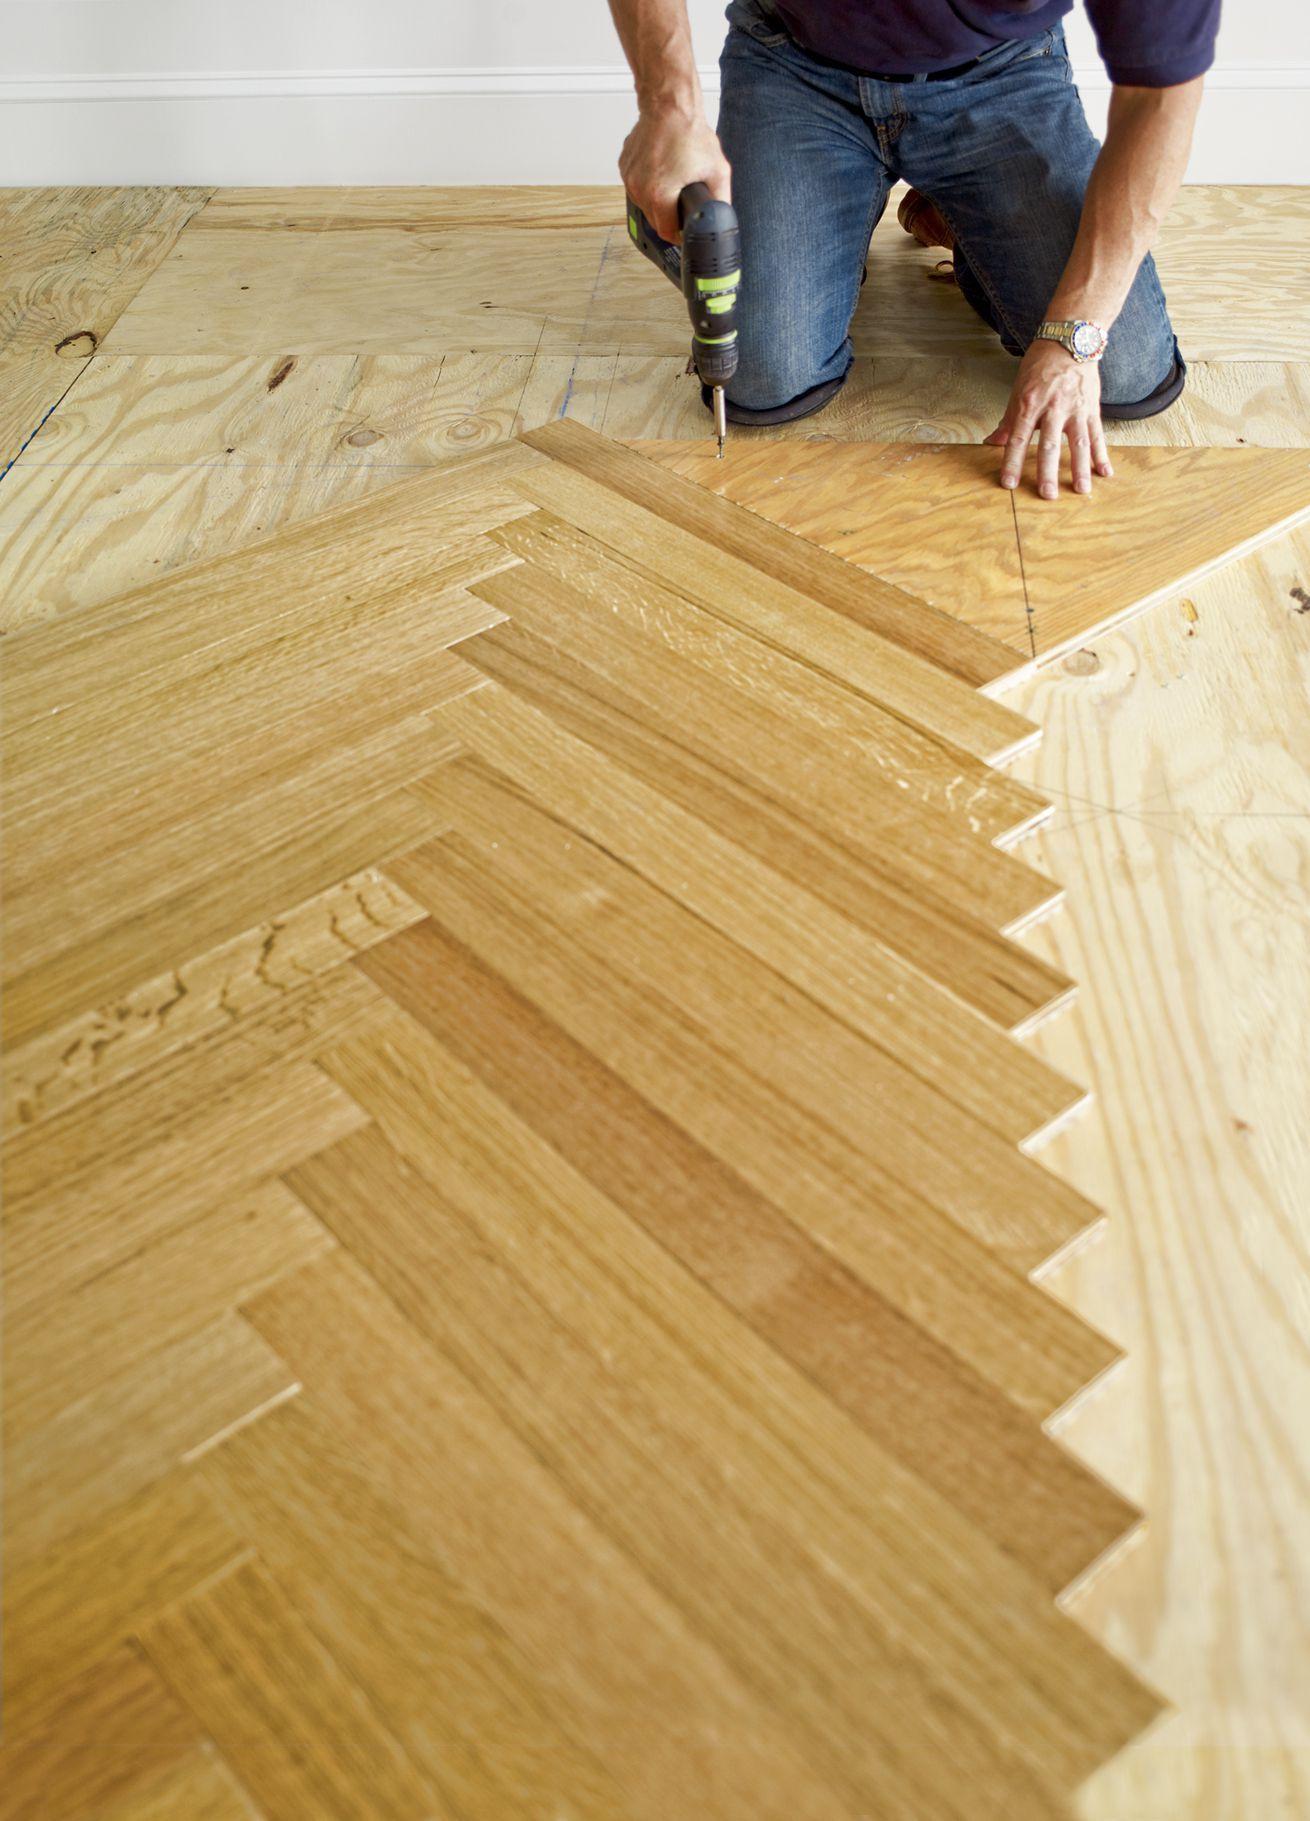 How to Install a Herringbone Floor Vinyl wood flooring